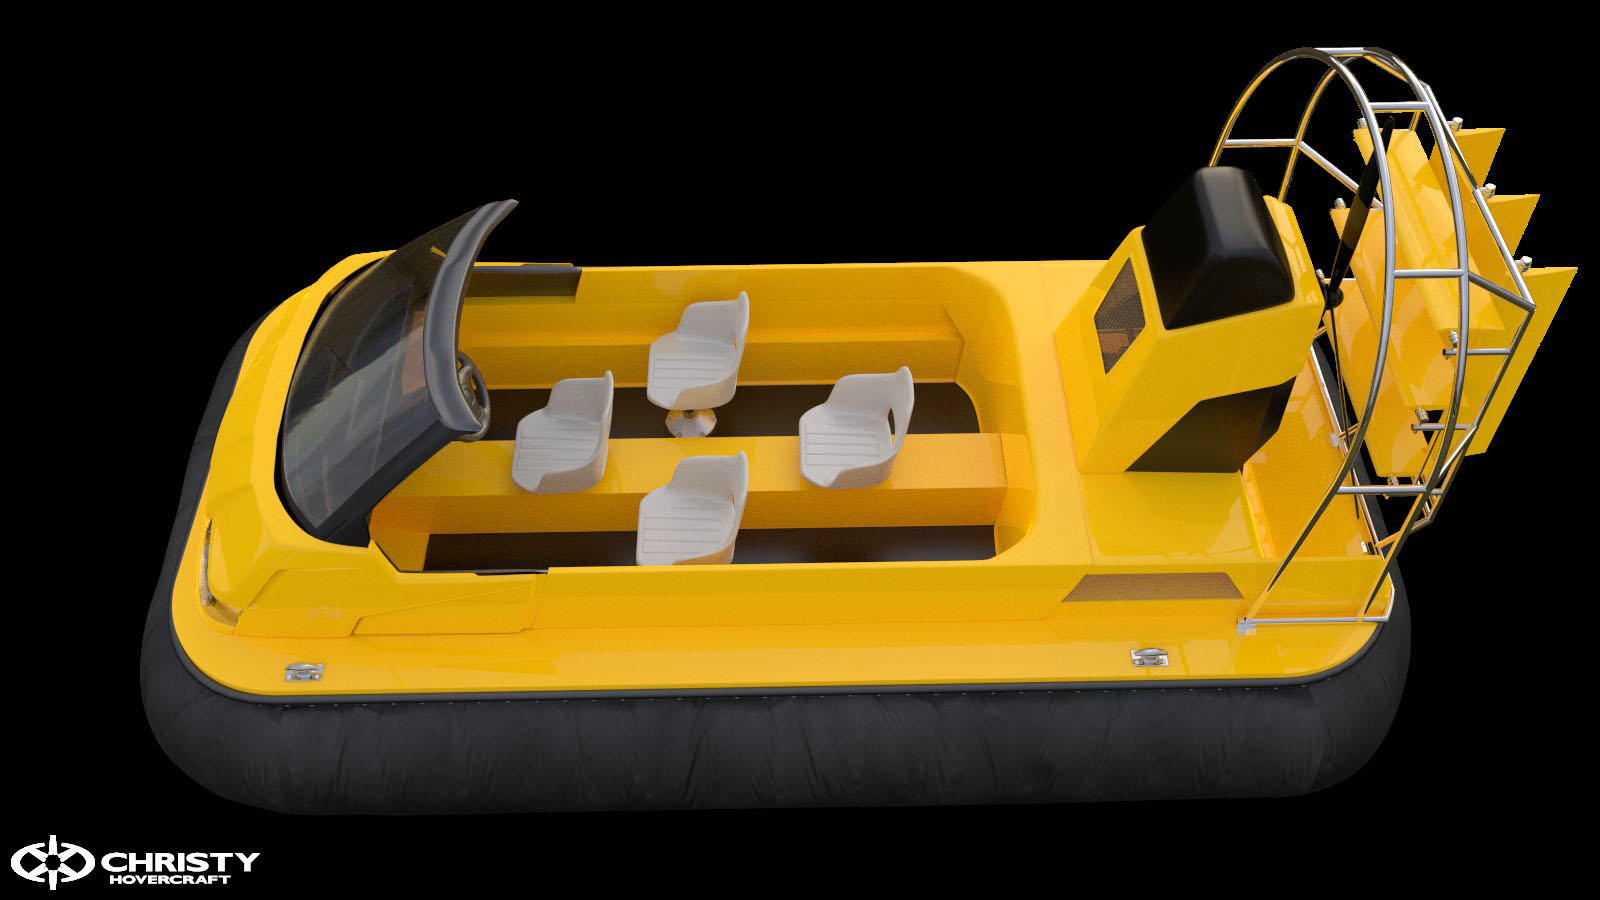 Амфибия на воздушной подушке Christy 453